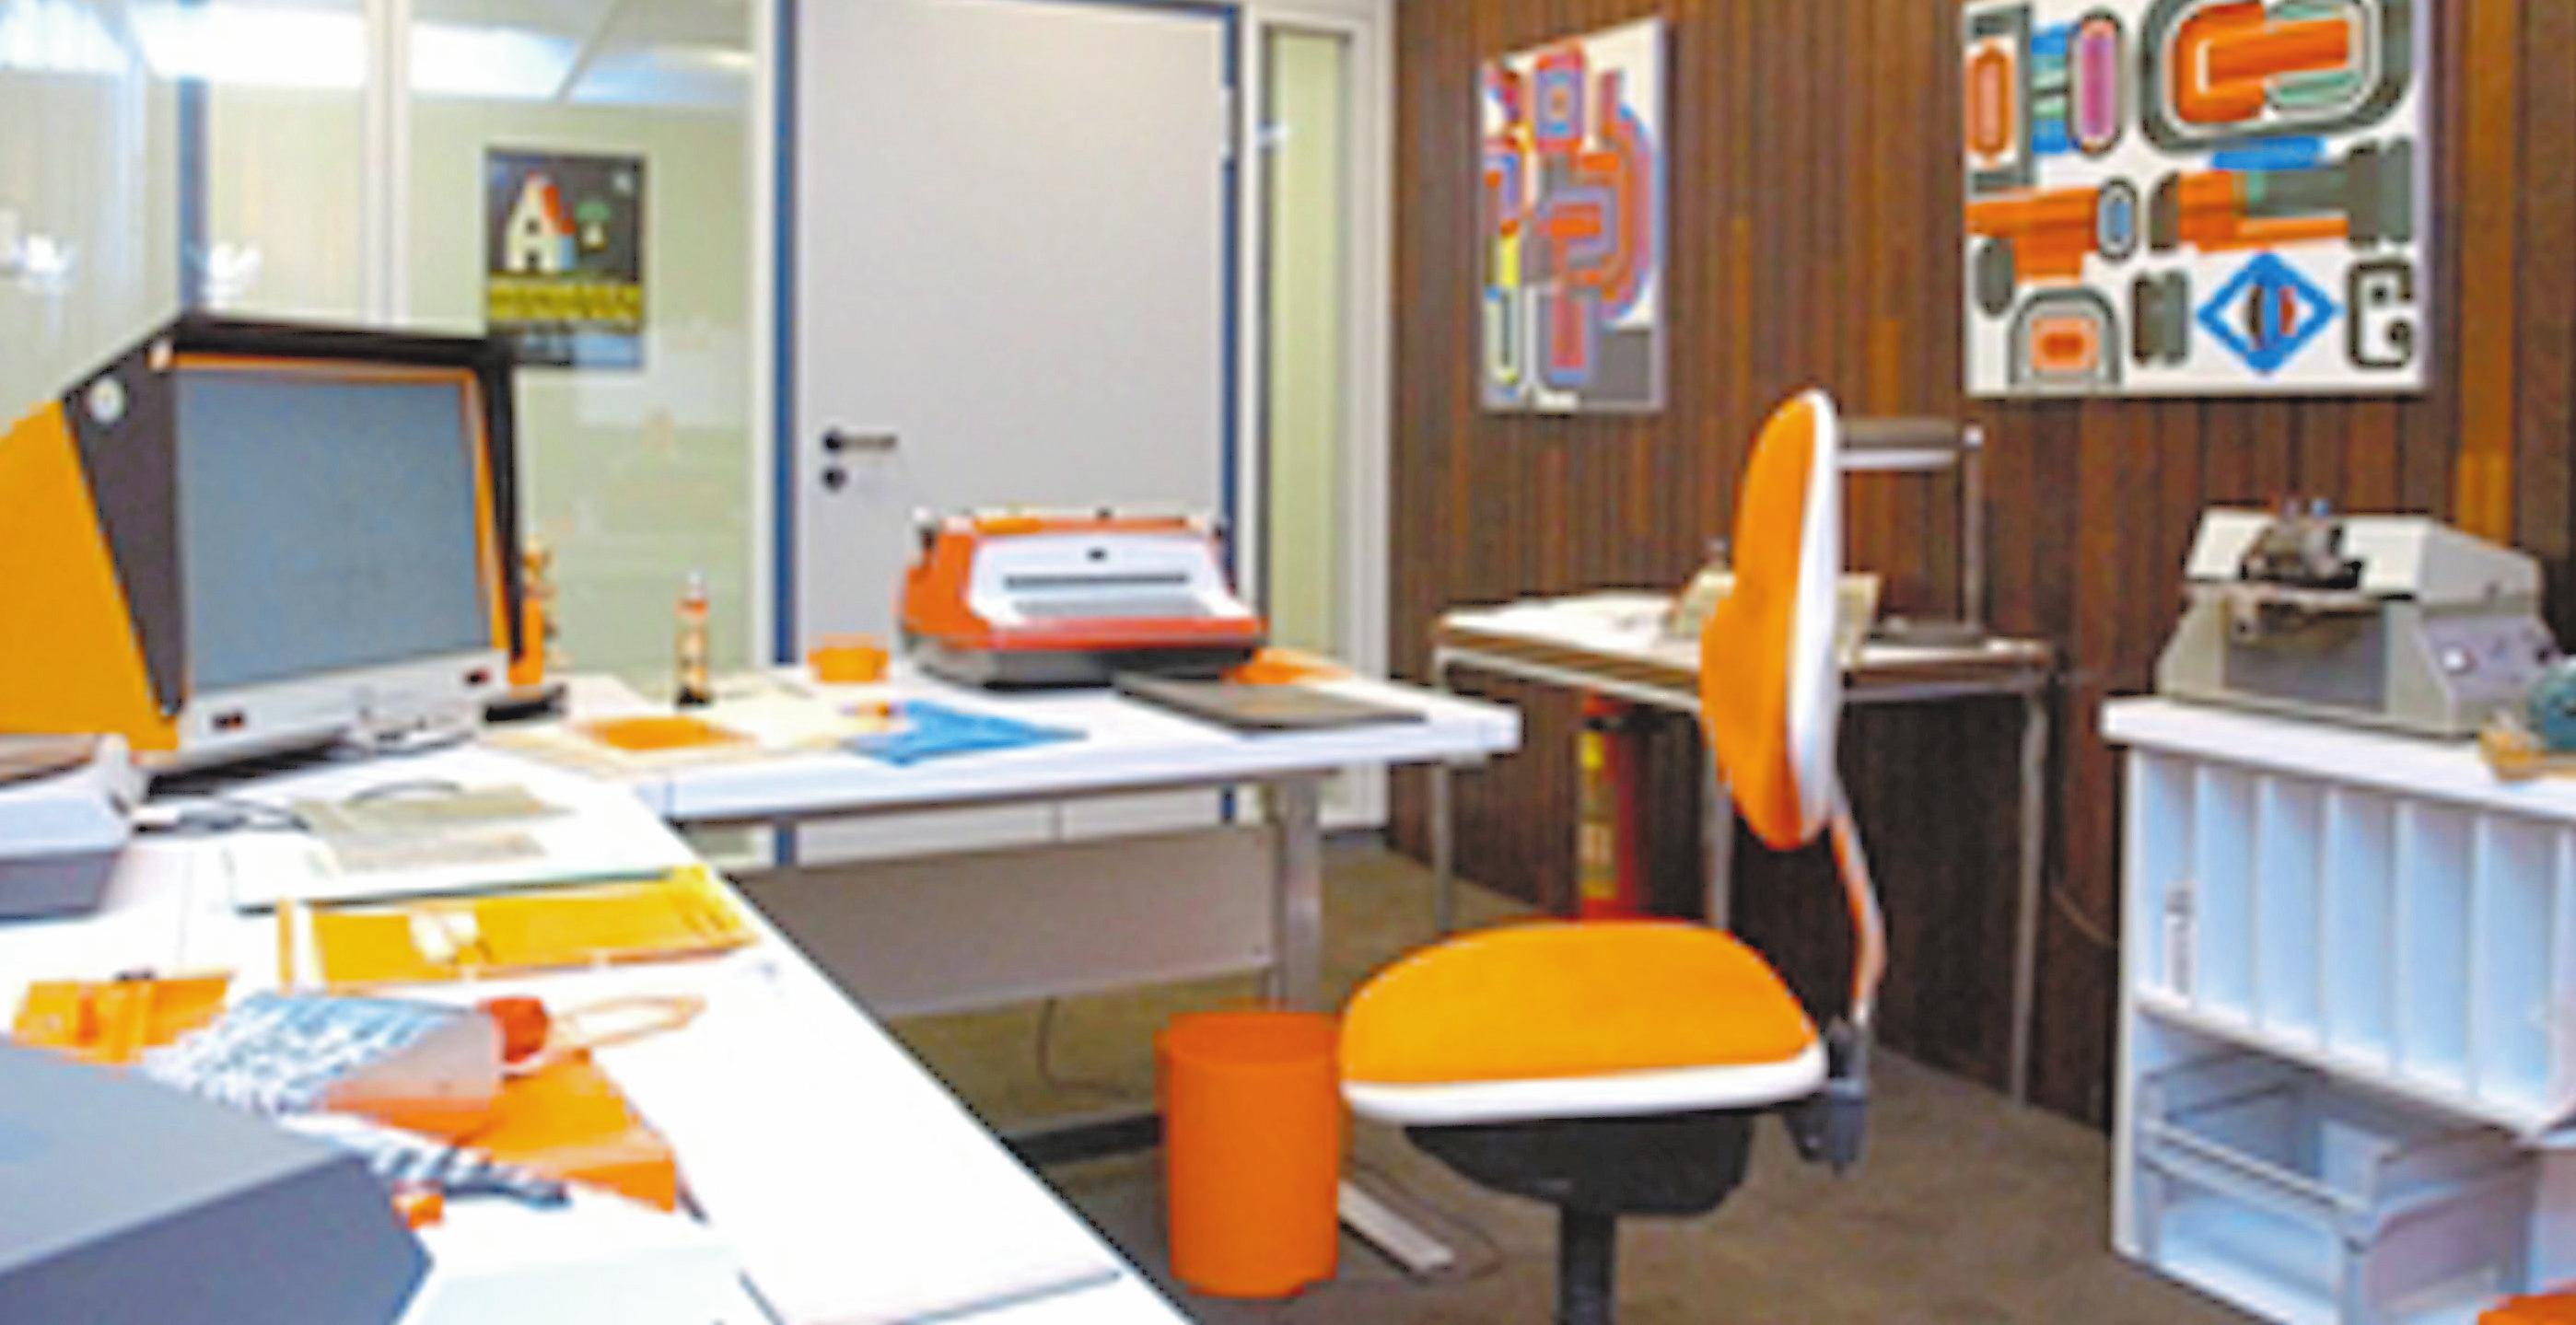 """Damals und heute: Im Keller der LBS ist ein """"Nostalgiebüro"""" aufgebaut. Im Jahr 2019 wird im modernen Großraumbüro gearbeitet.Foto: LBS"""